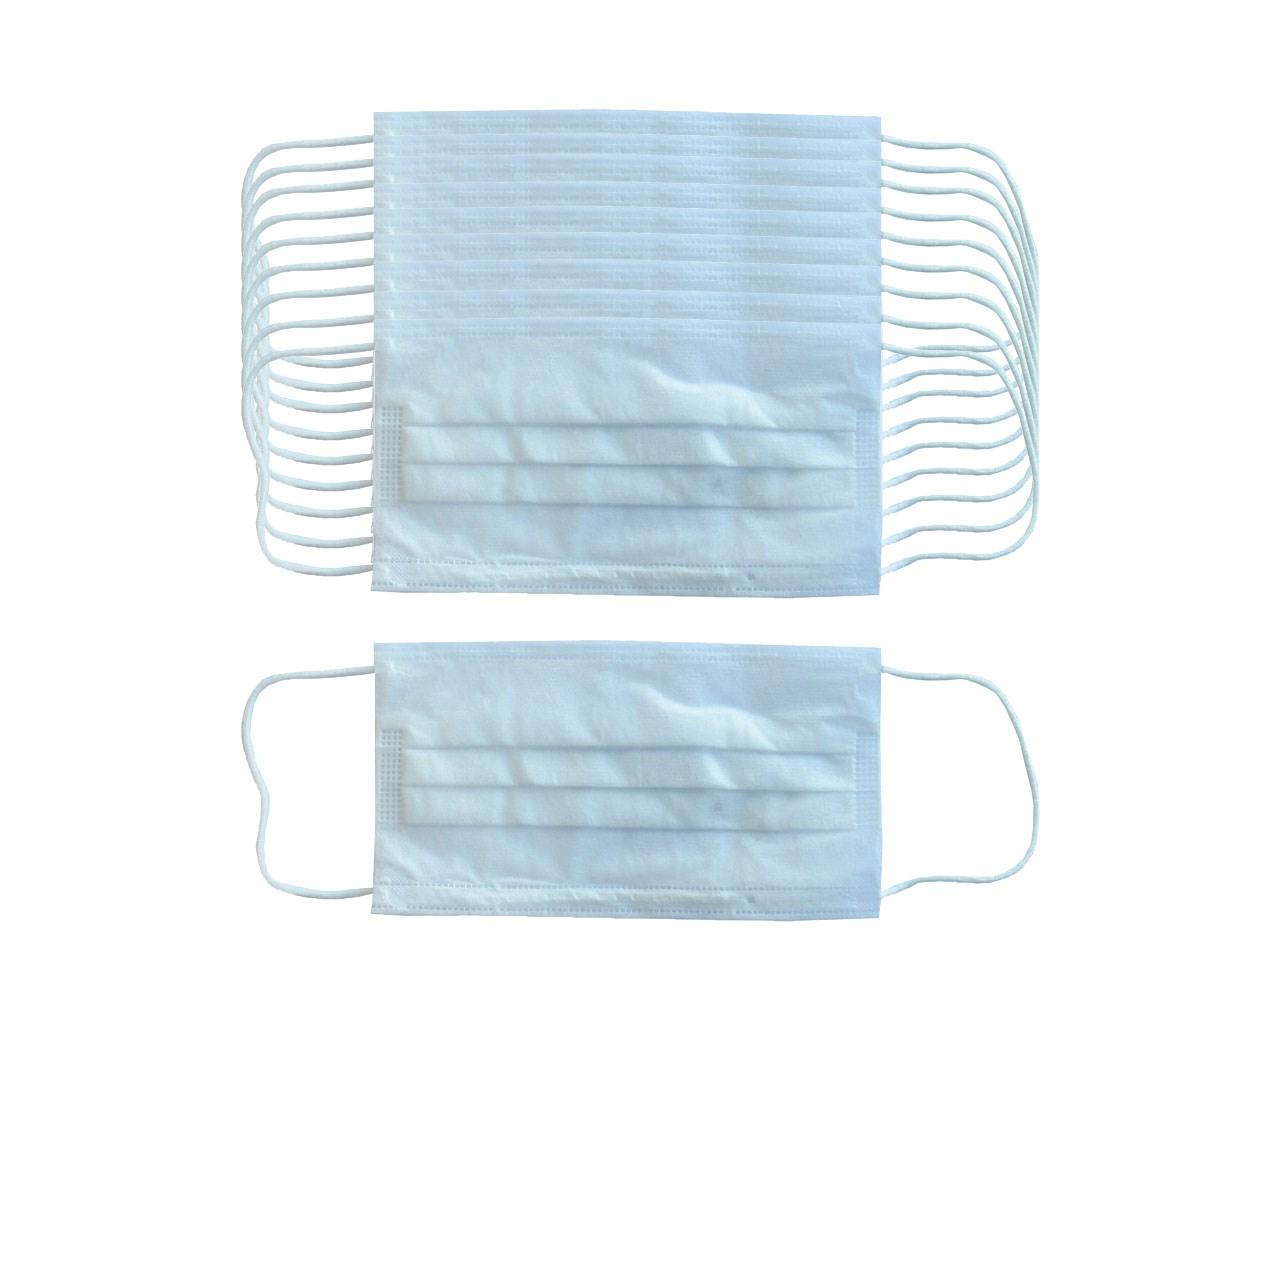 ماسک تنفسی بست ماسک مدل نانو بسته 10 عددی